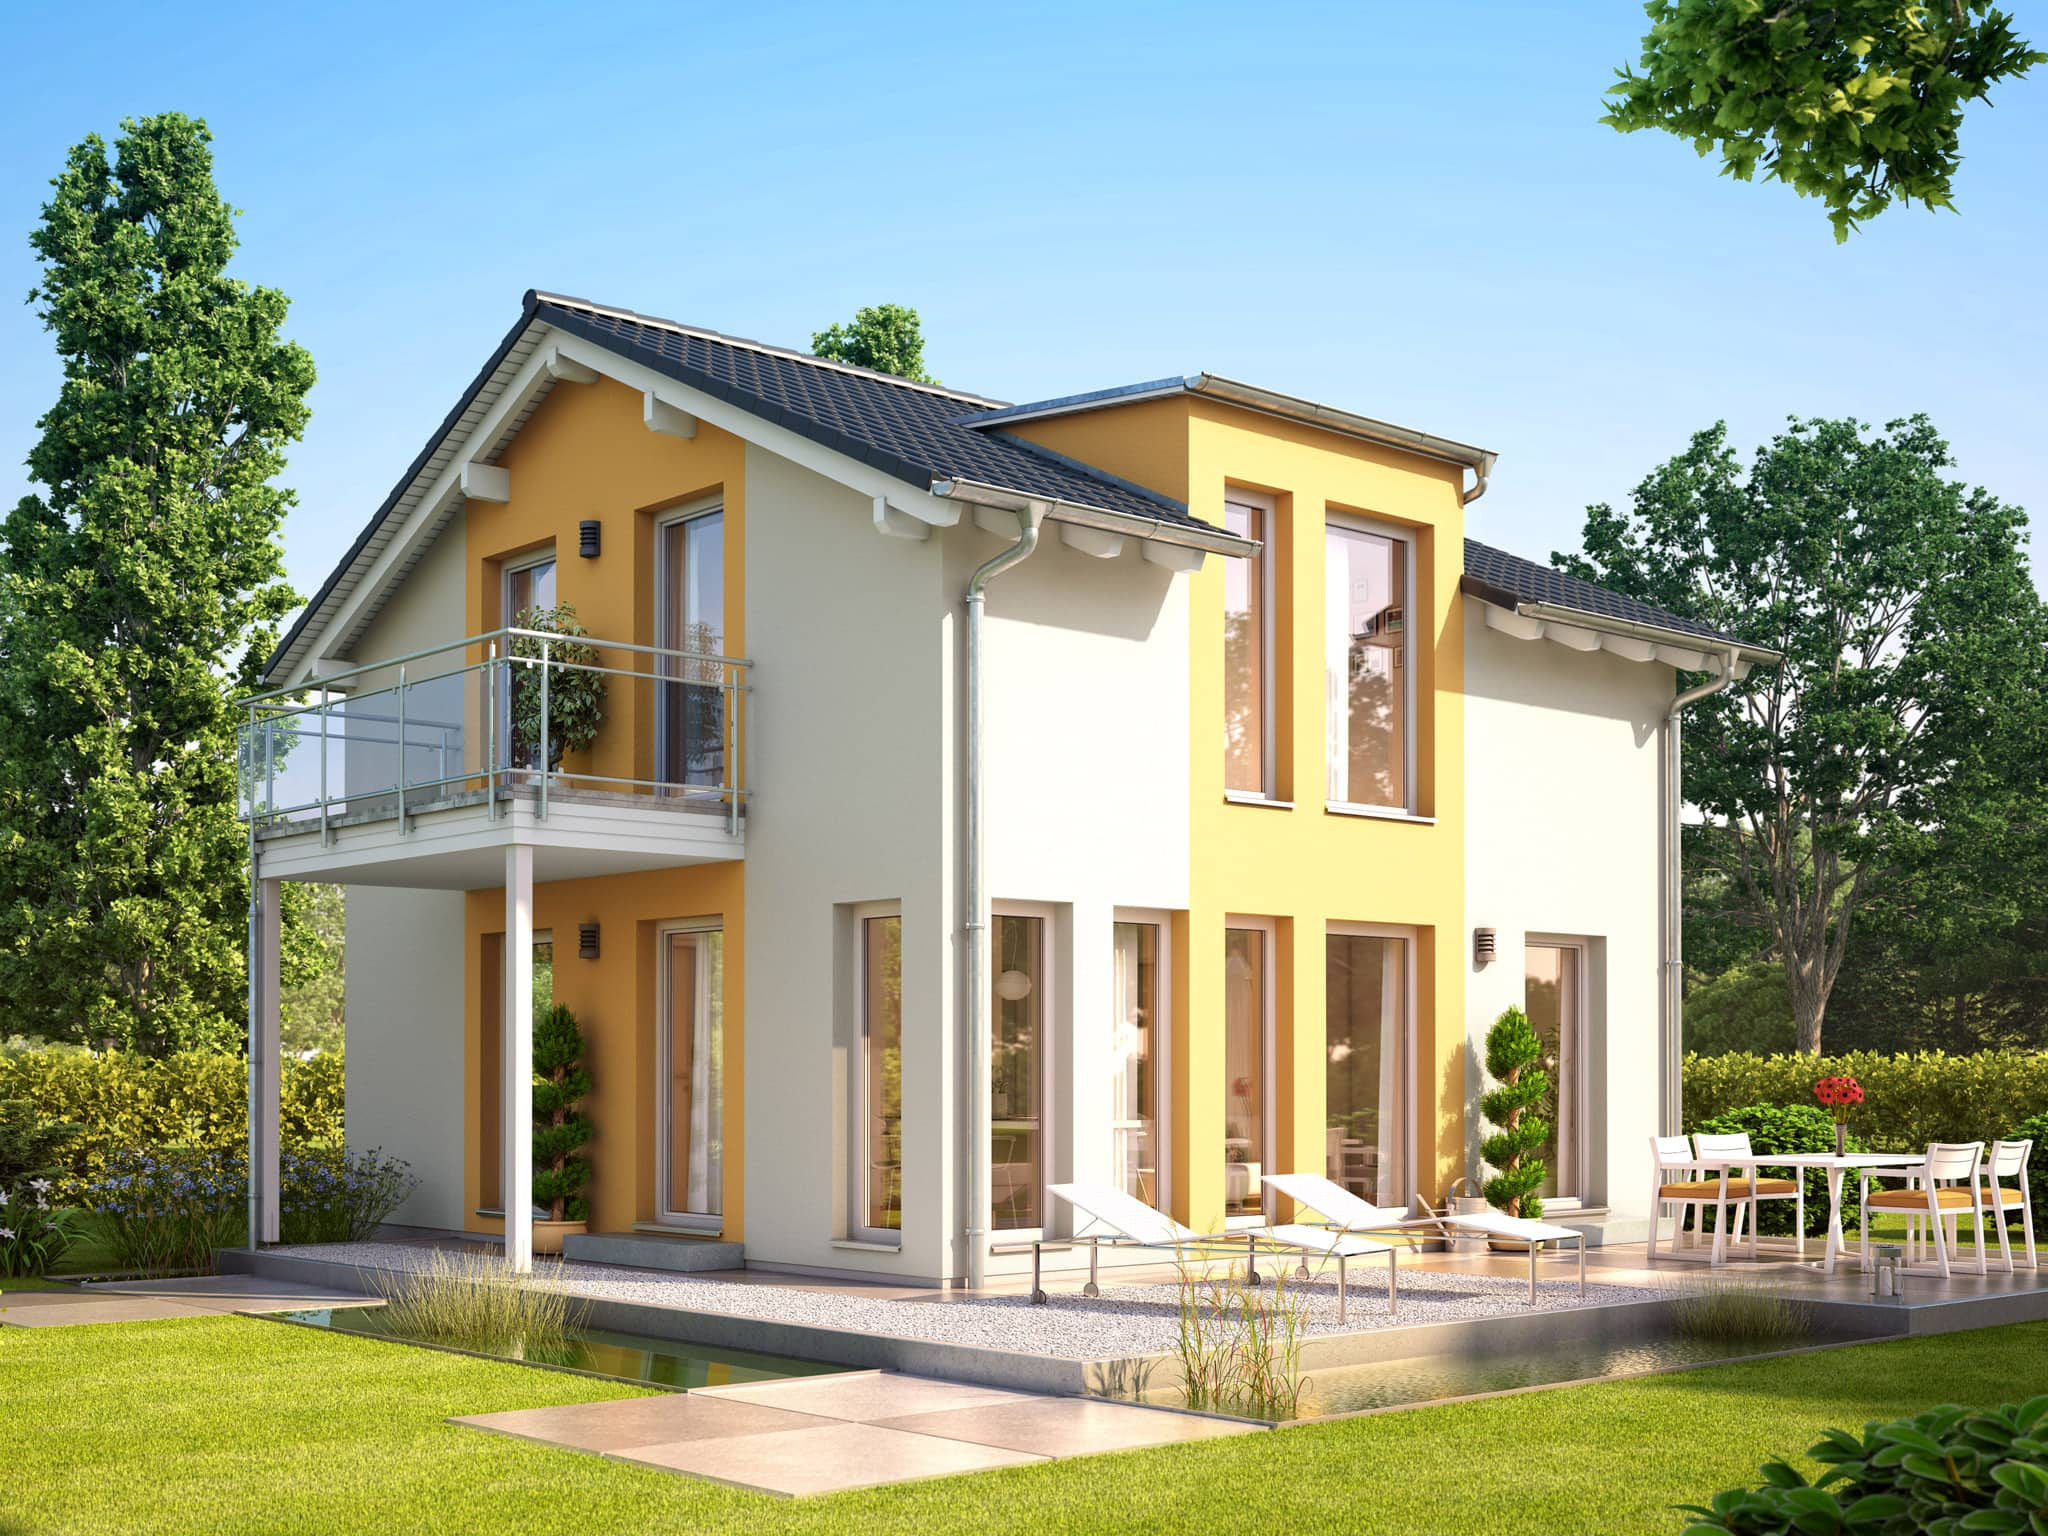 Einfamilienhaus mit Satteldach Architektur, Zwerchgiebel & Balkon, 114 qm, 5 Zimmer - Haus bauen Ideen Fertighaus SUNSHINE 113 V4 von Living Haus - HausbauDirekt.de